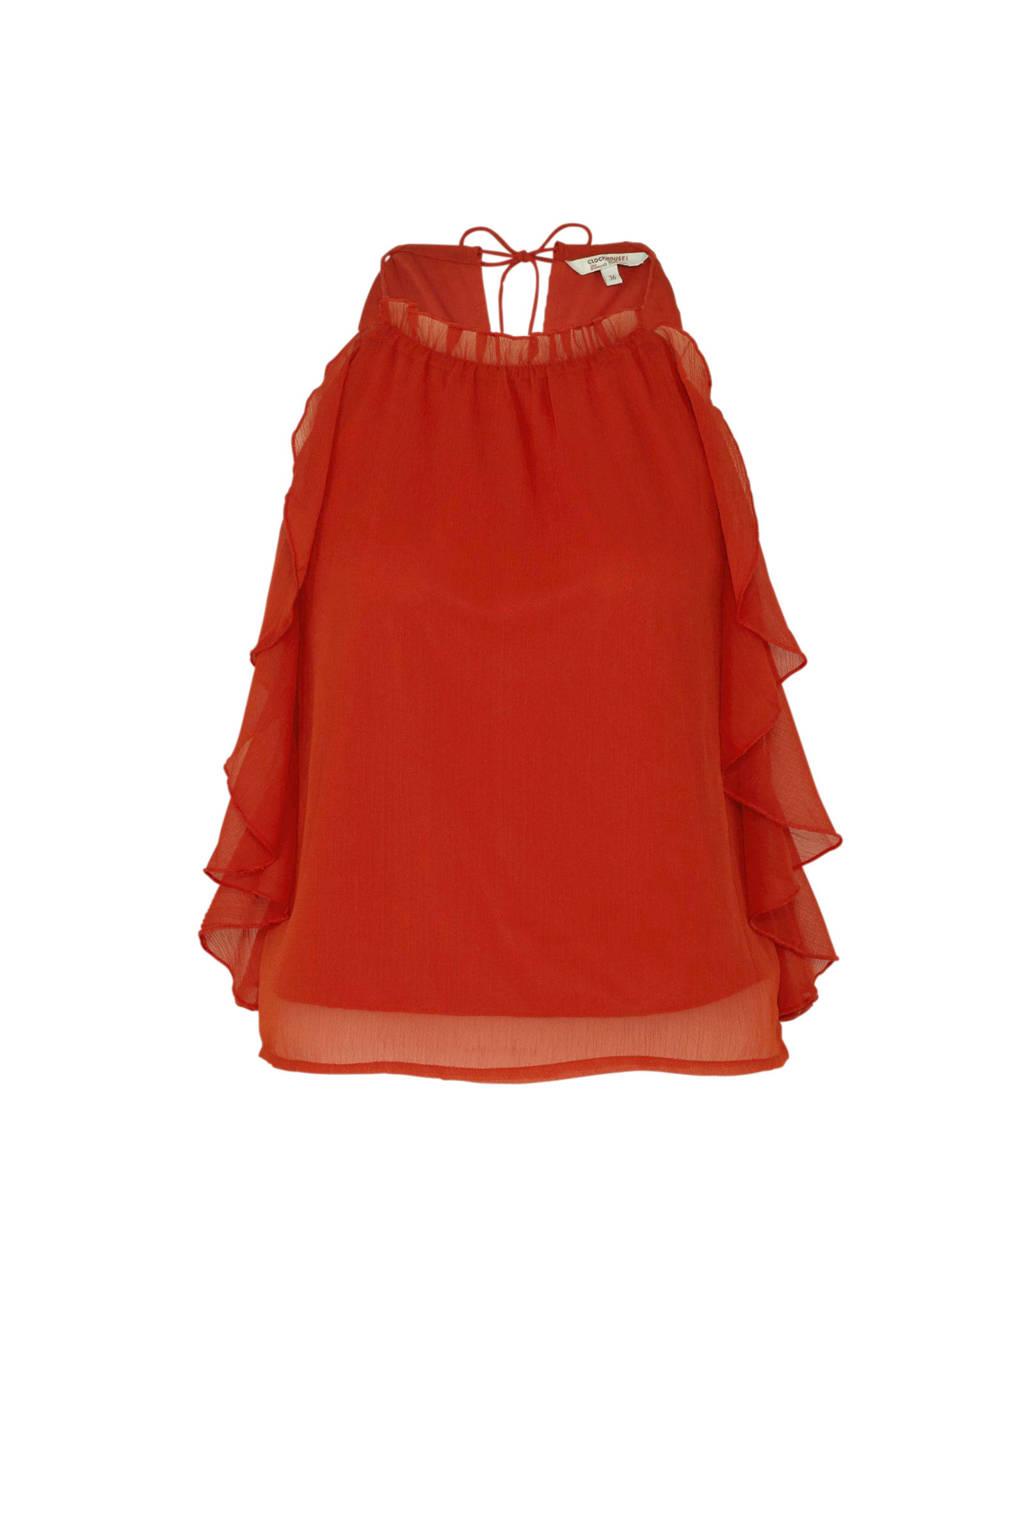 C&A Clockhouse semi-transparante halter top met ruches oranje, Oranje